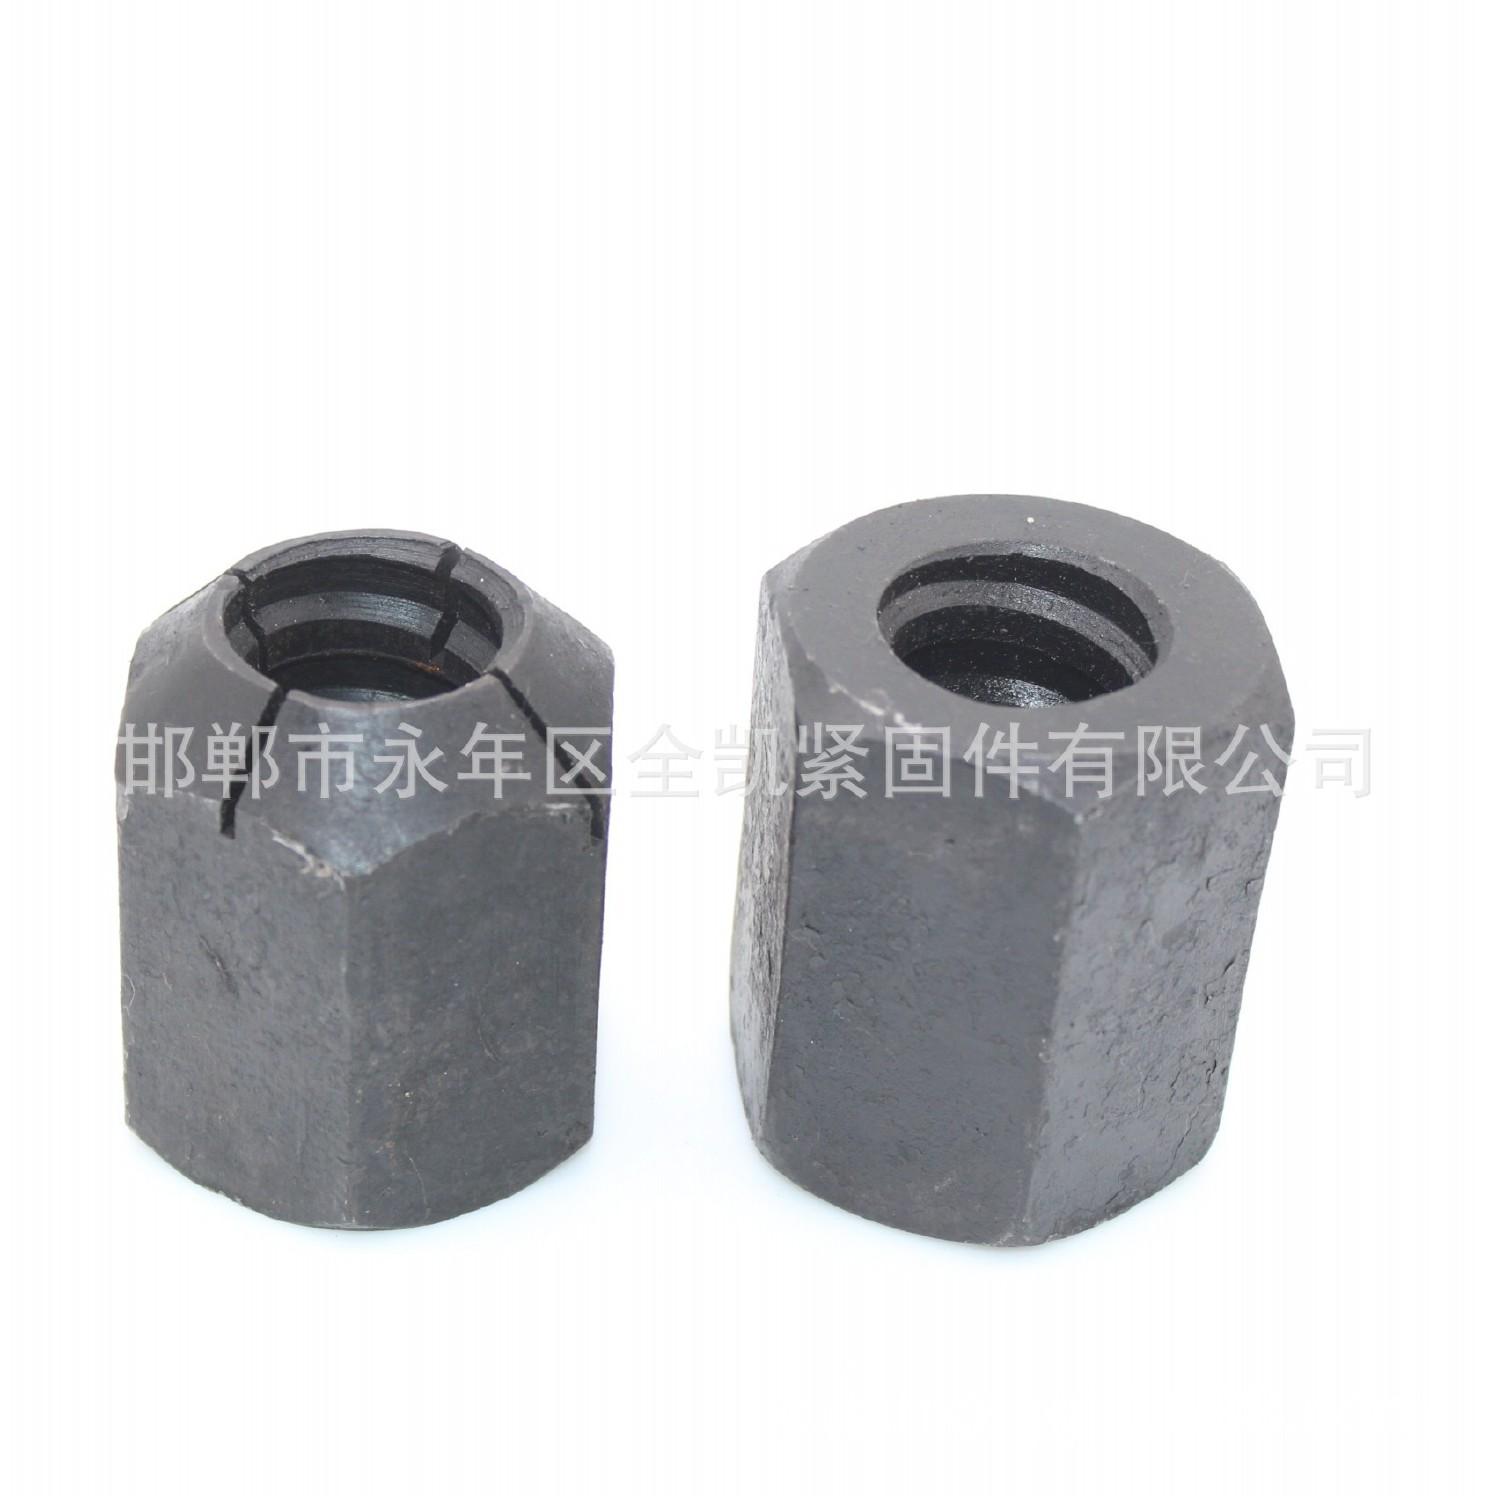 厂家现货供应32精轧螺母40Cr平形锥形螺母现货供应价格美丽